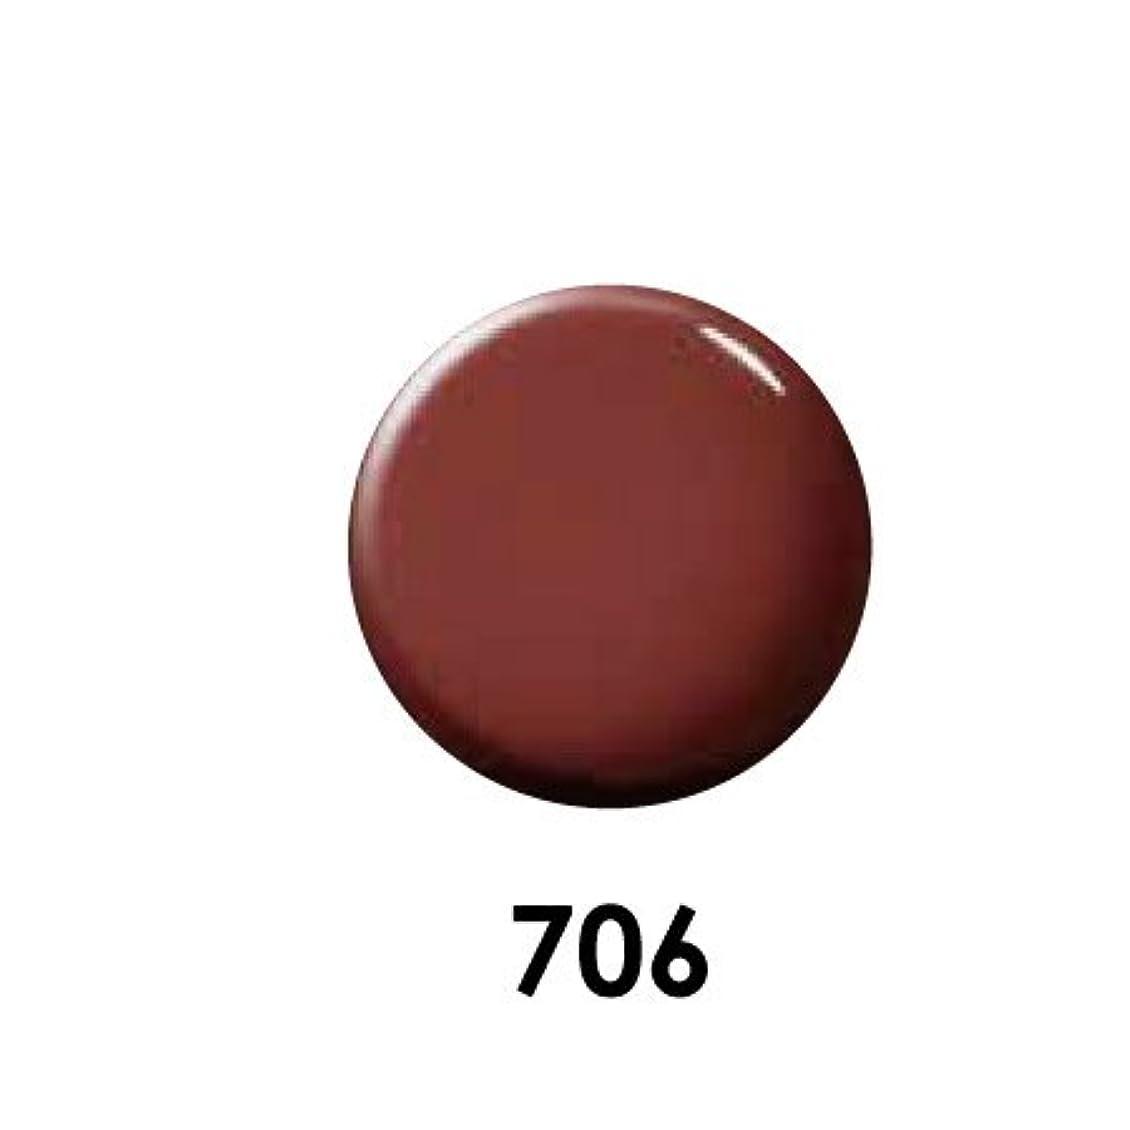 小切手情熱前提条件Putiel プティール カラージェル 706 サンダルウッド 4g (NAGISAプロデュース)